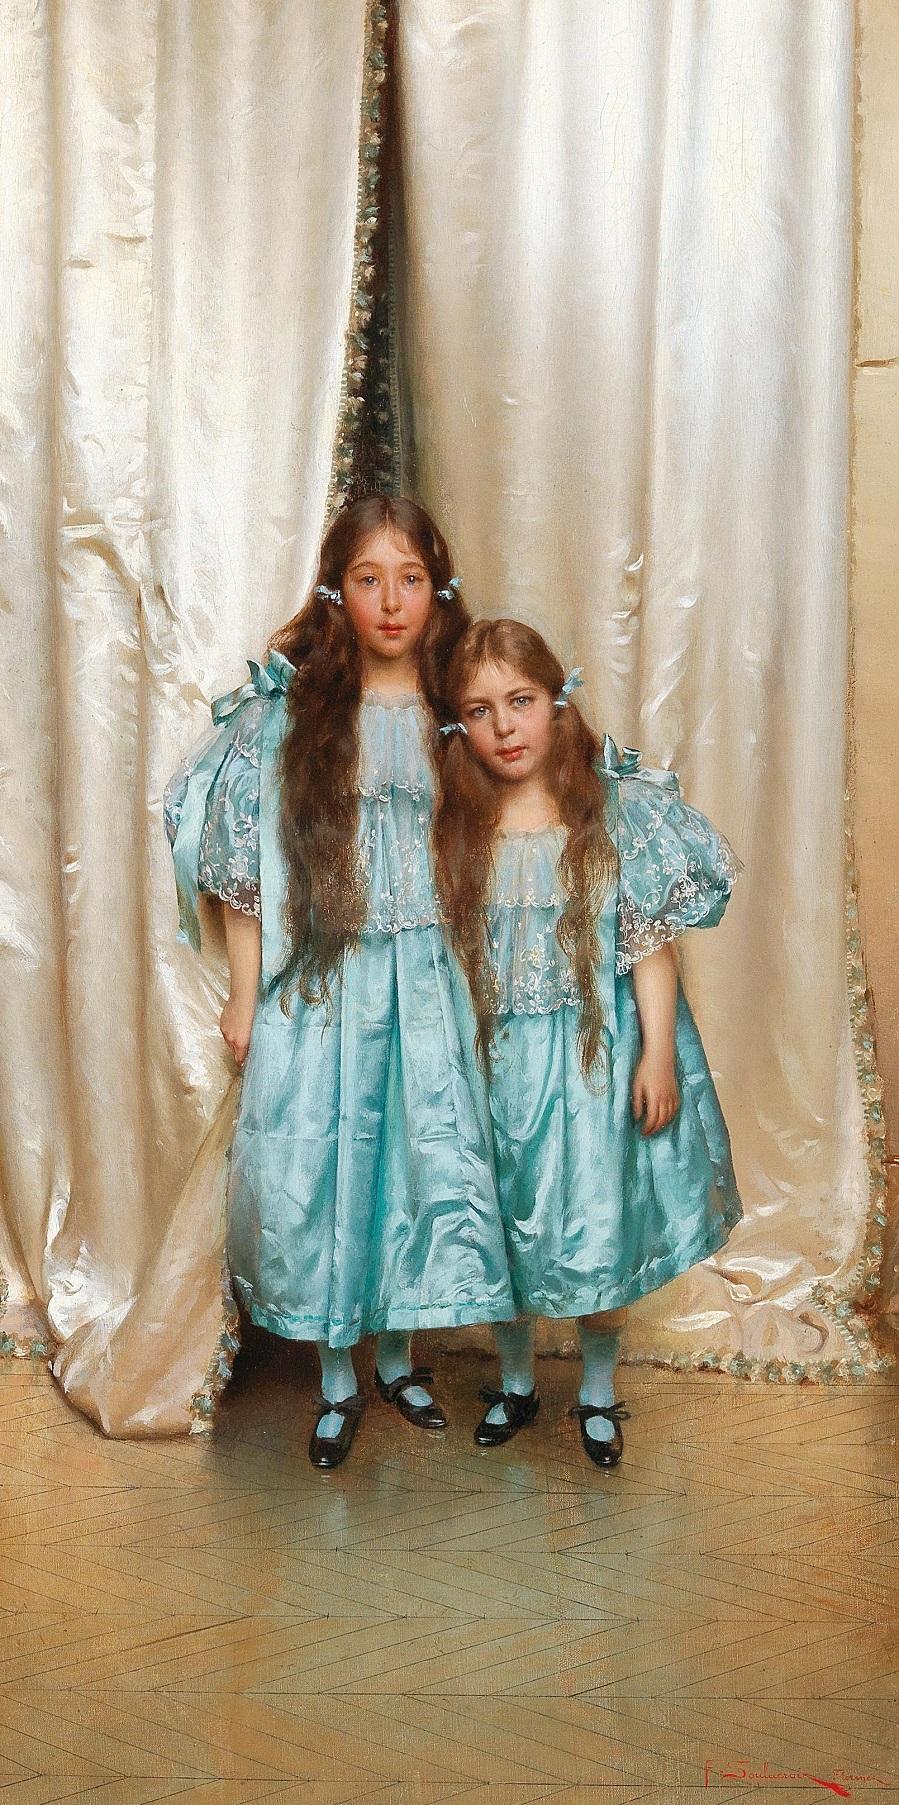 Frédéric Soulacroix (Рим 1858-1933 Чезена) Два друга в синих платьях (по семейной традиции, Амелия Флоренс Сулакройс 1898-1990, дочь художника)